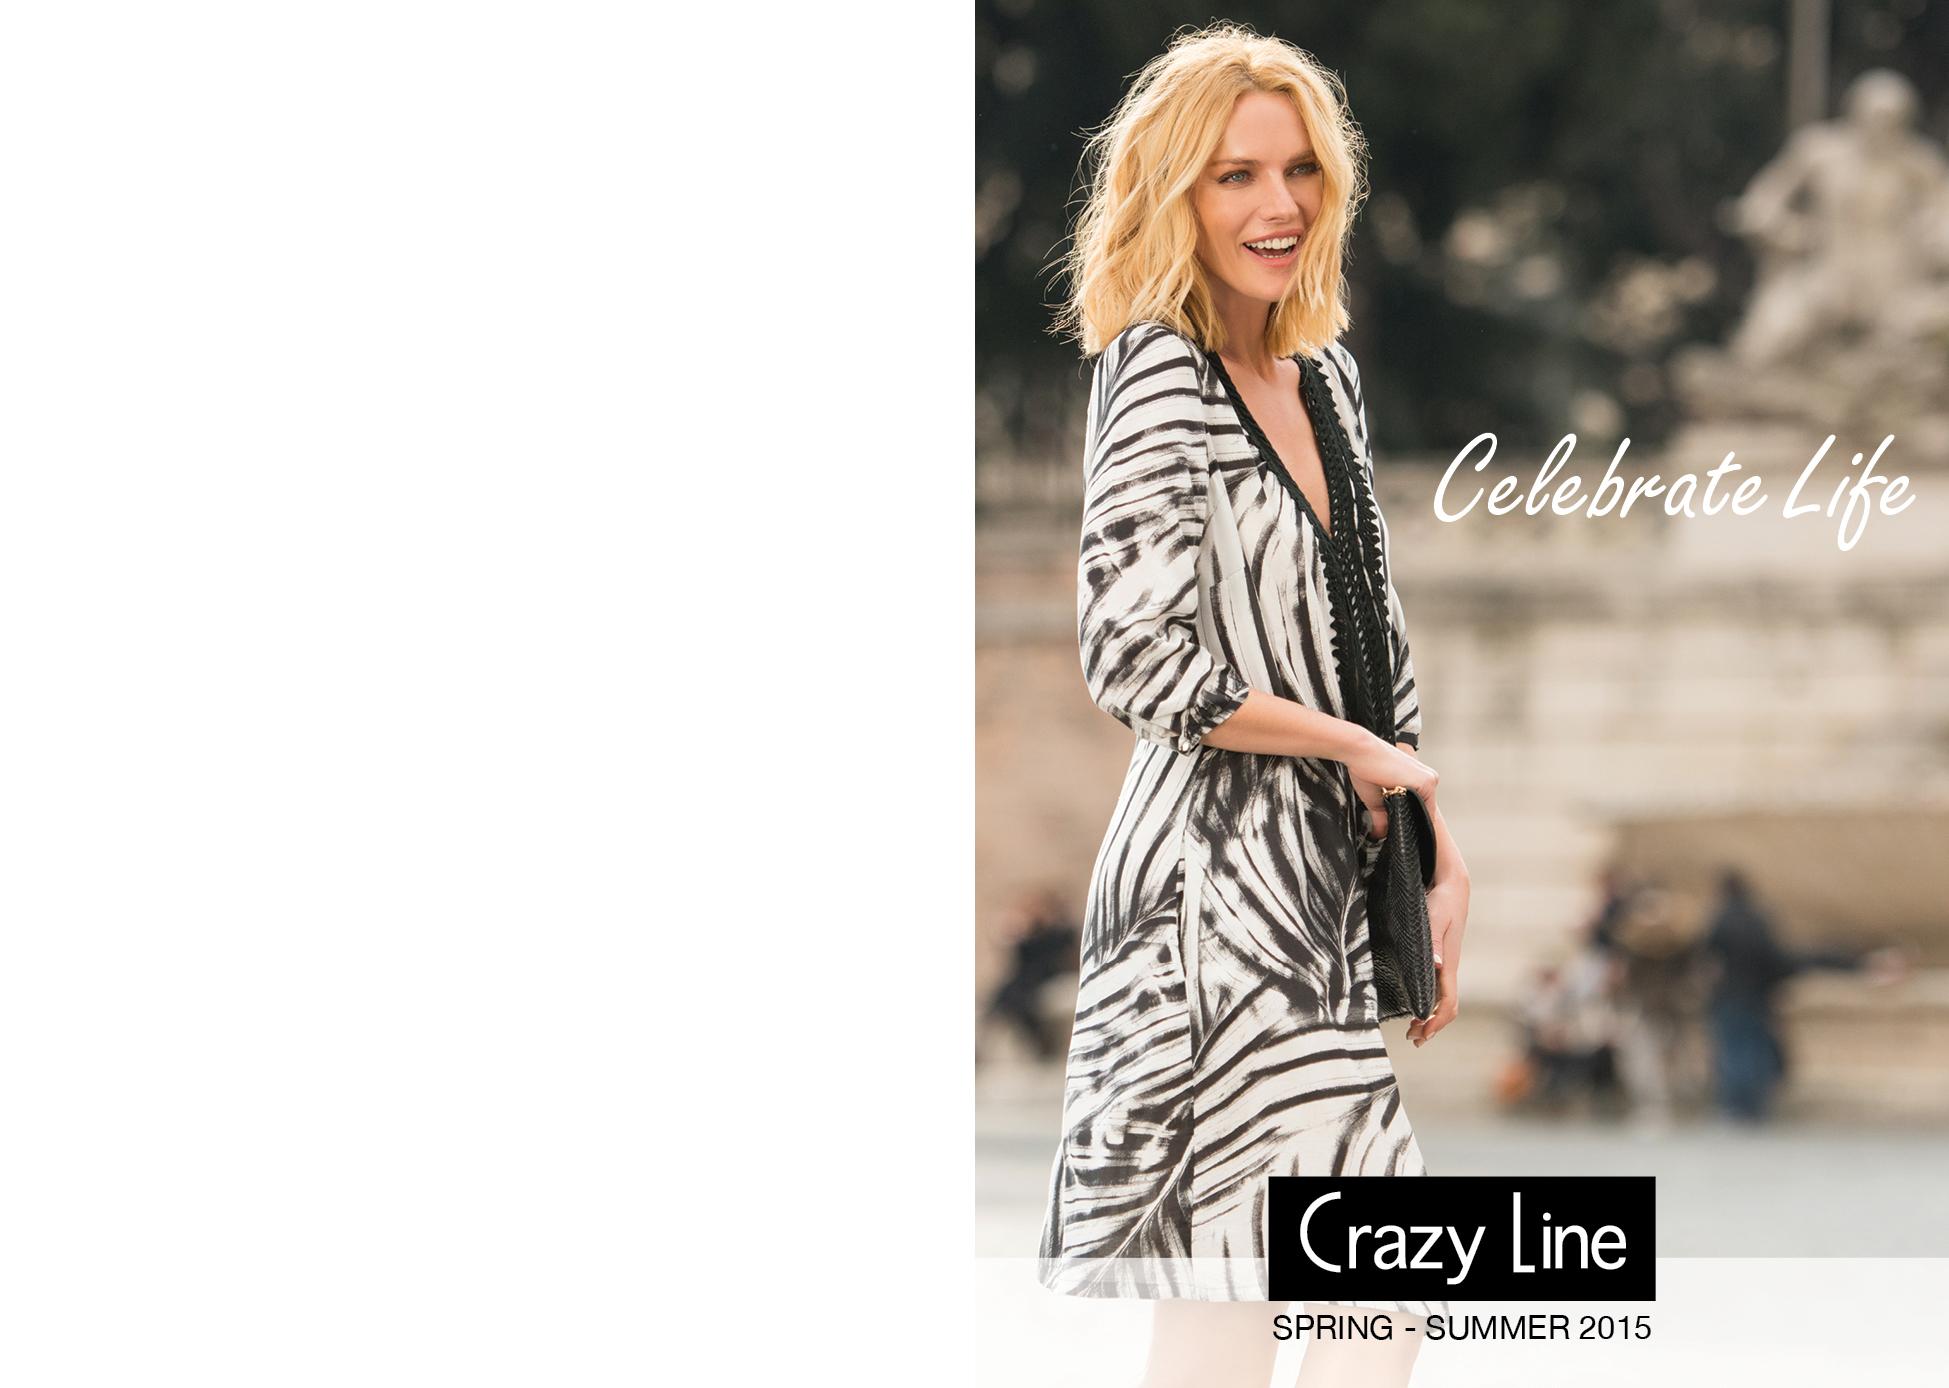 46590_catalog_crazy_PRESS shaar.jpg